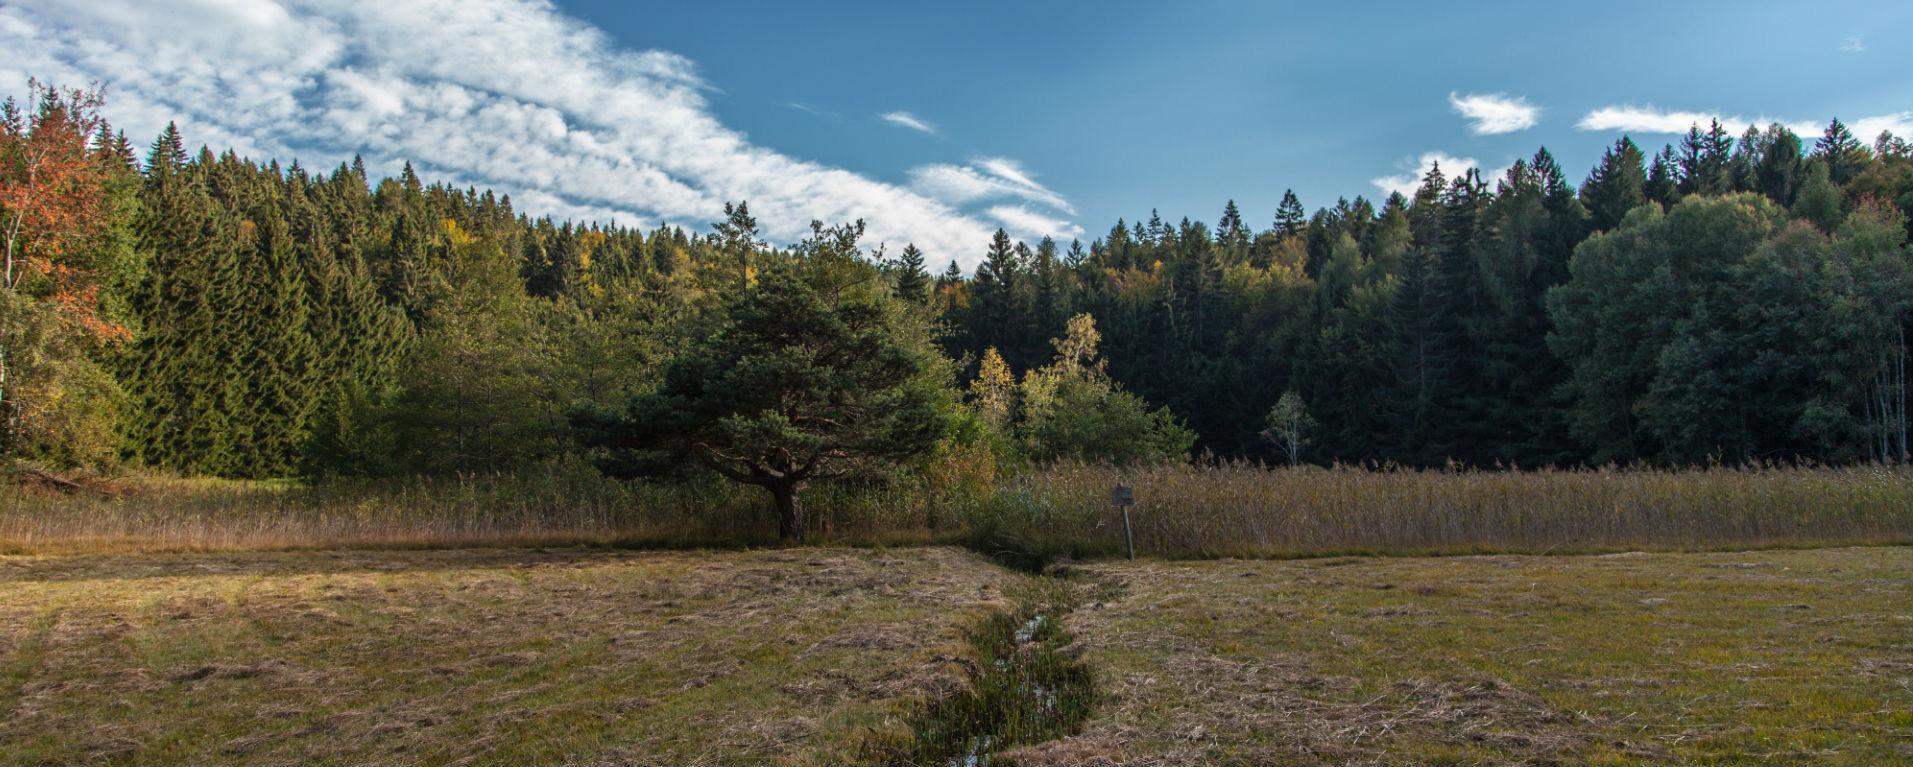 Trekking antichi laghi, foto di Alessandro Cristofoletti